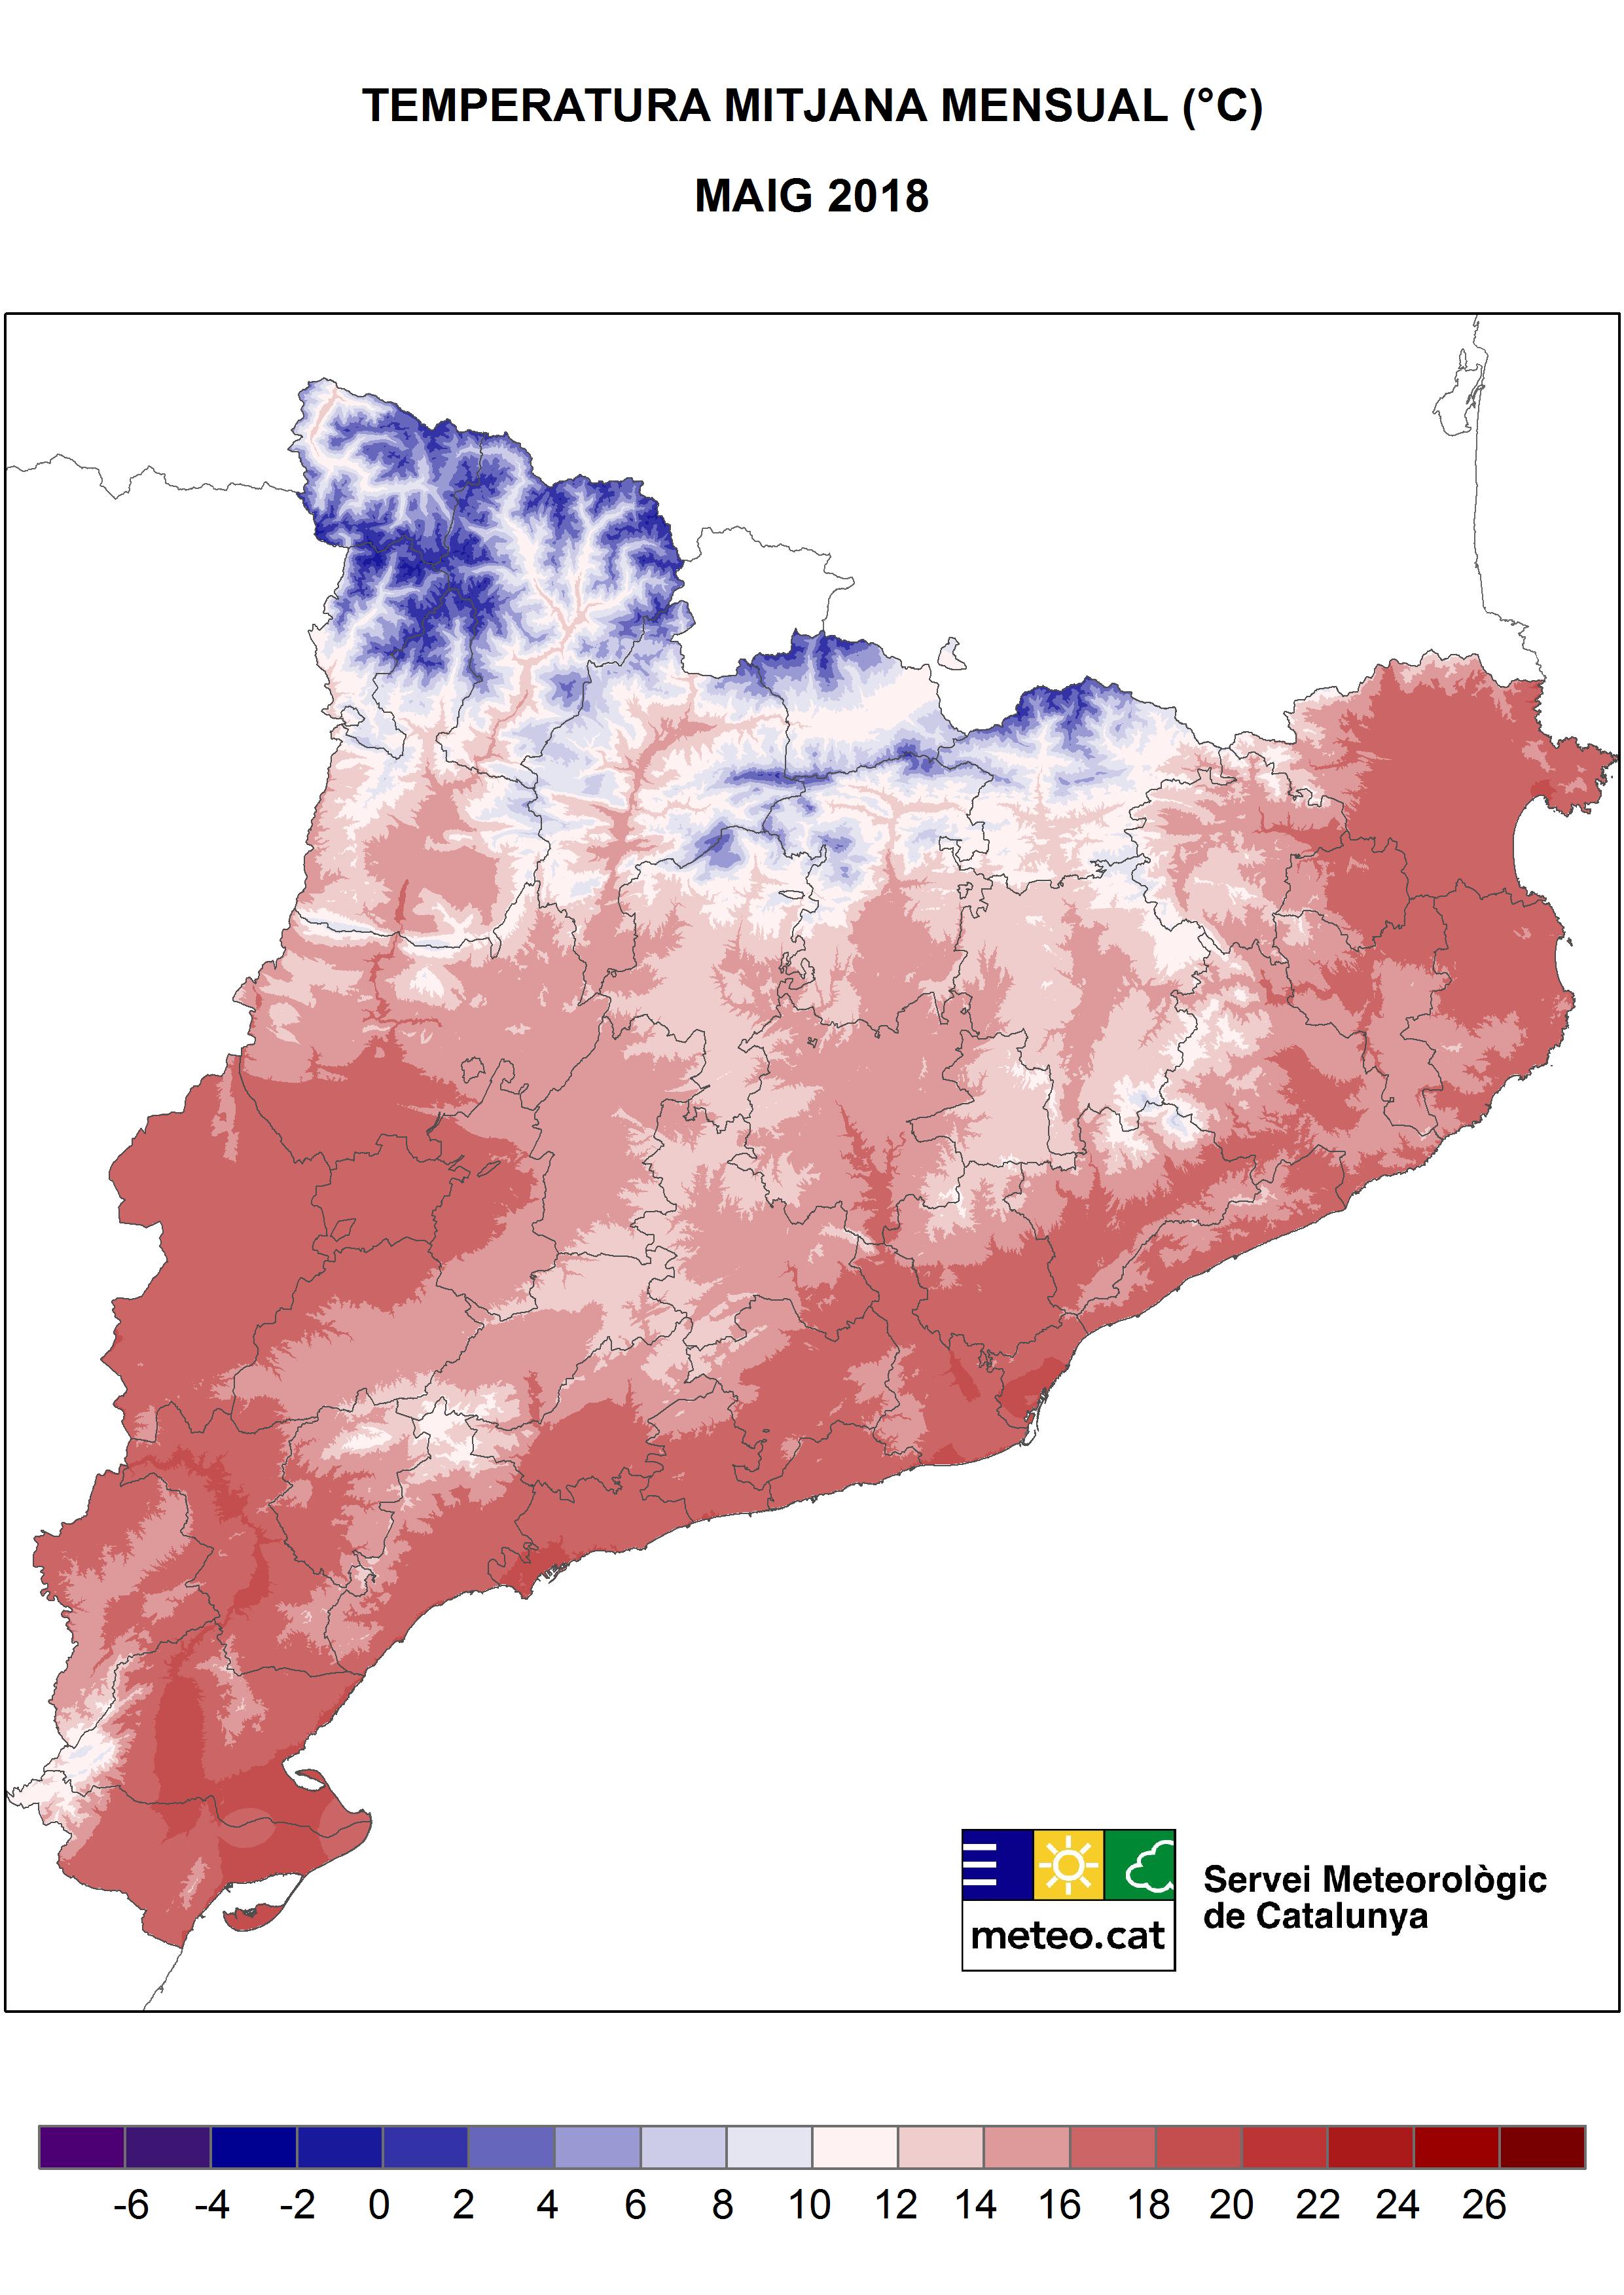 Mapa de Temperatura mitjana mensual (ªC) - Maig 2018